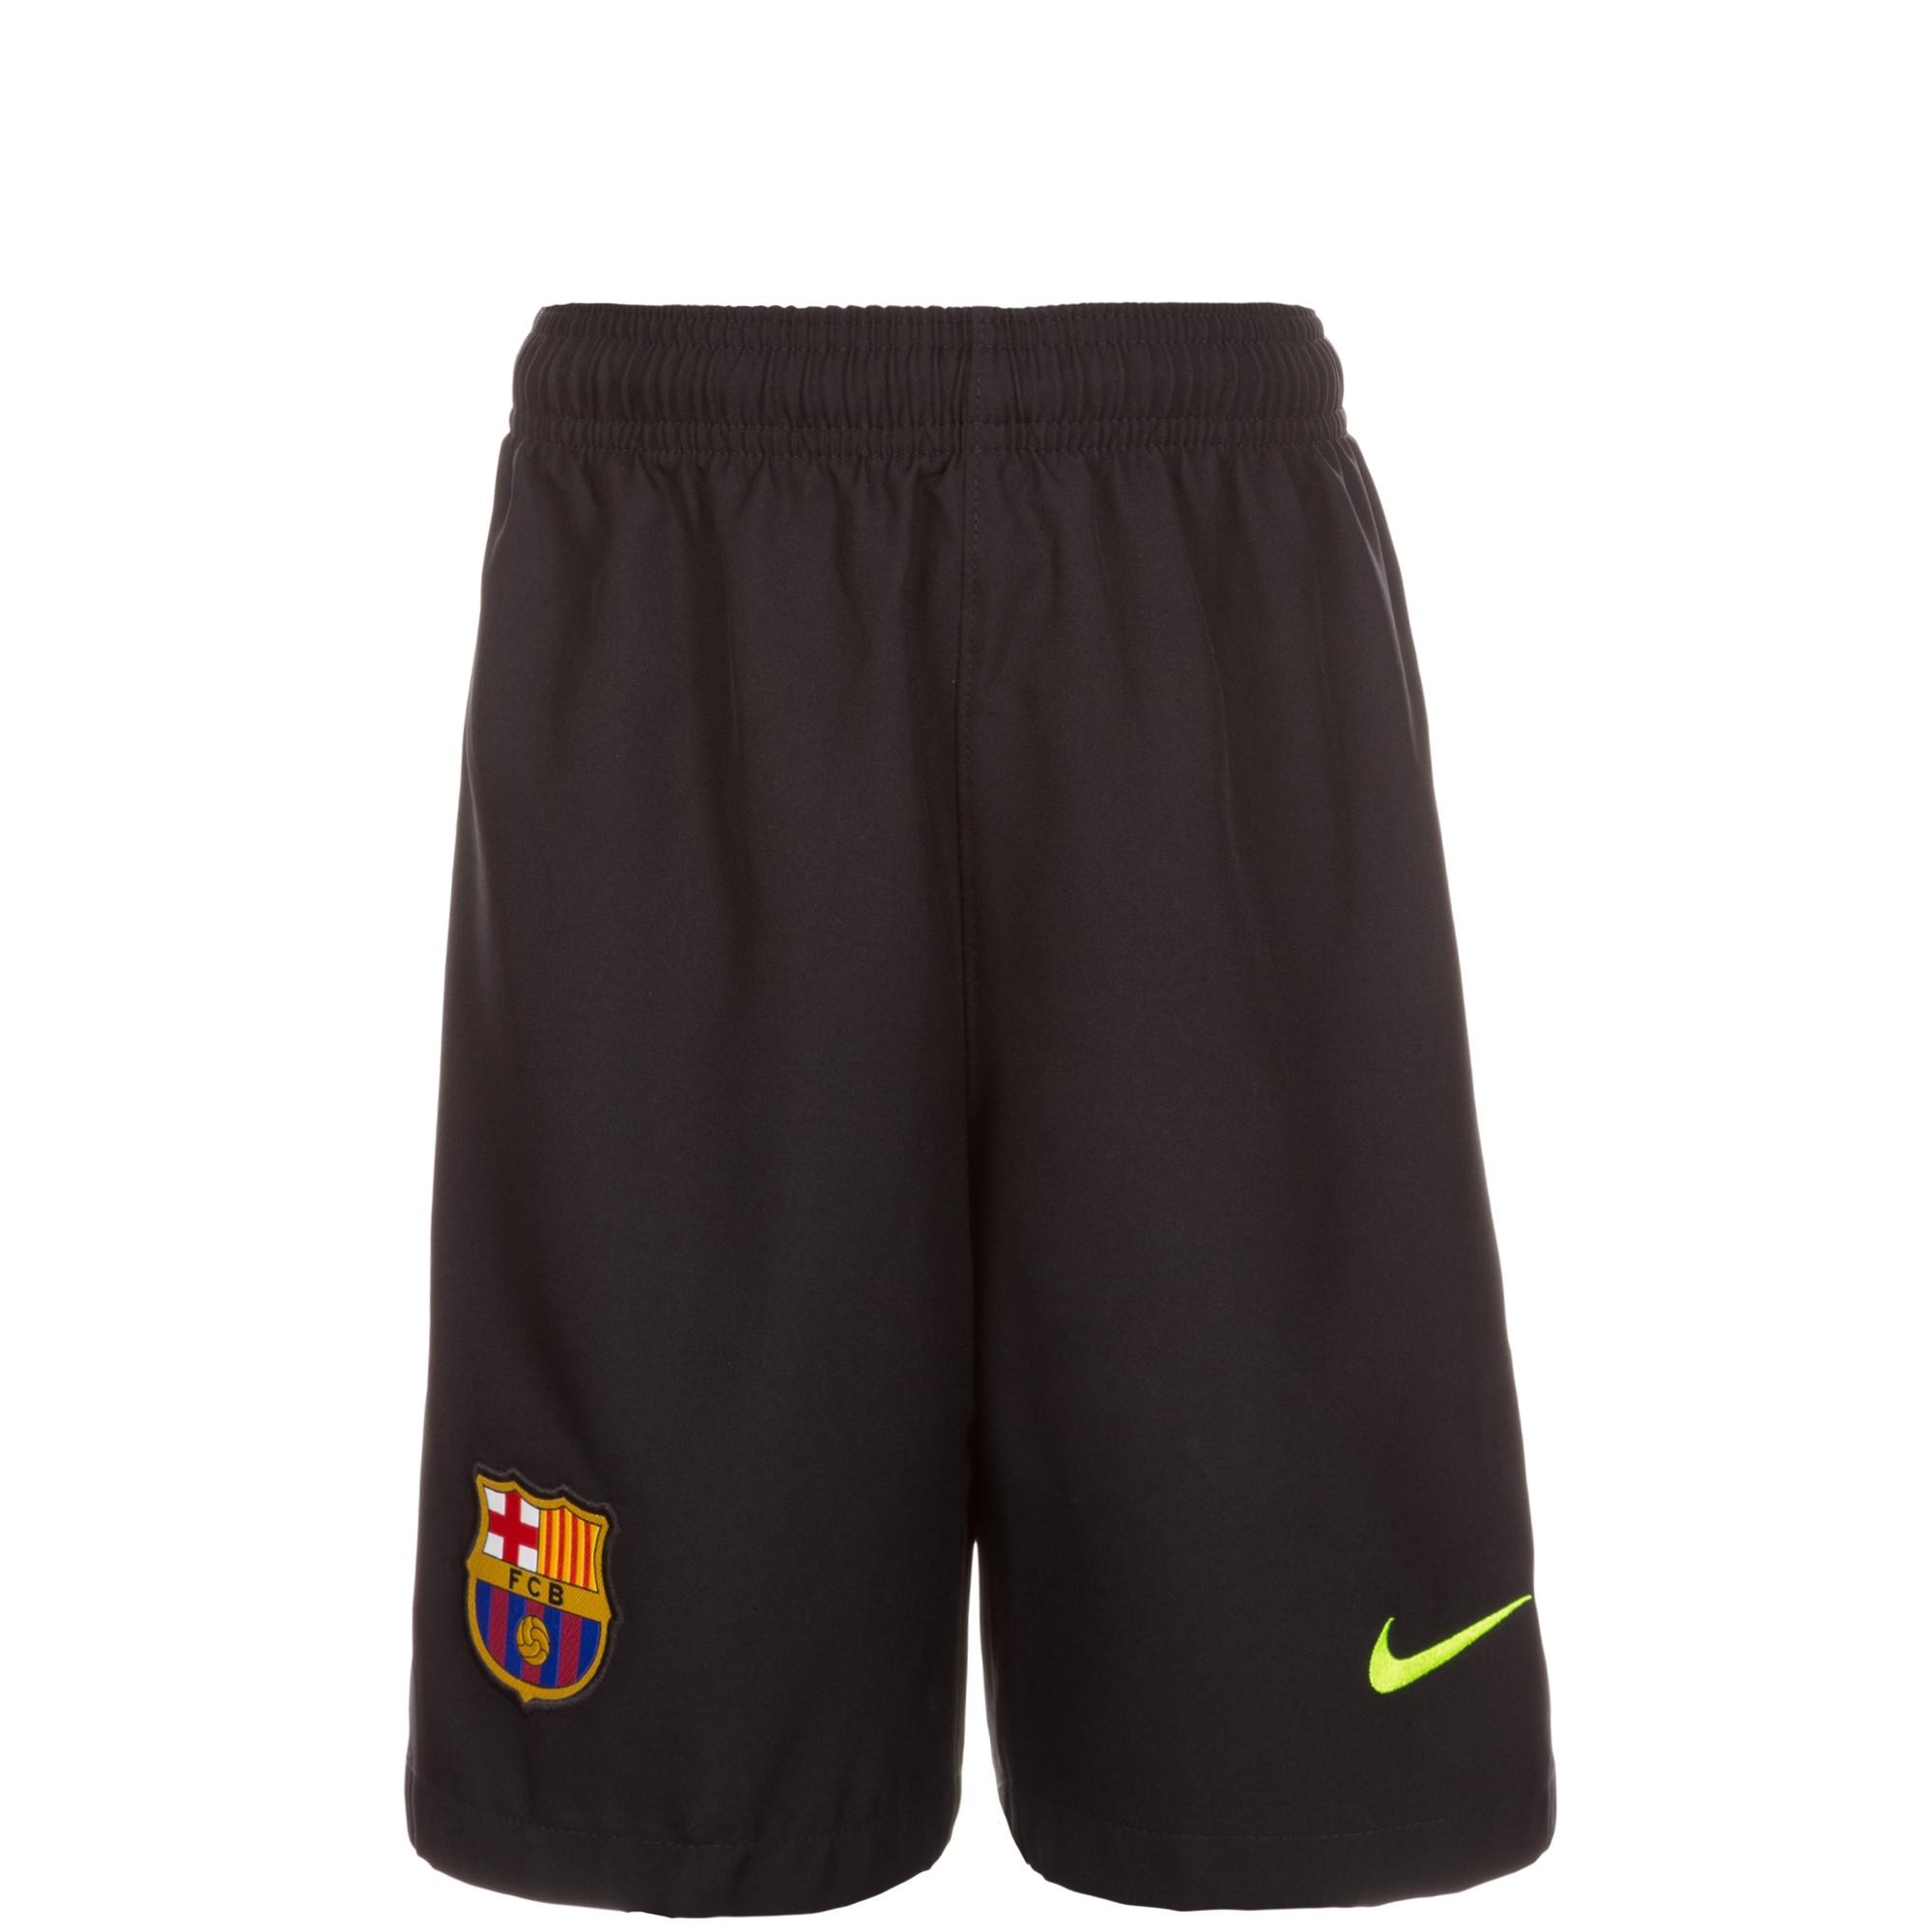 newest 37505 d9141 2016-2017 Barcelona Home Nike Goalkeeper Shorts (Black) - Kids